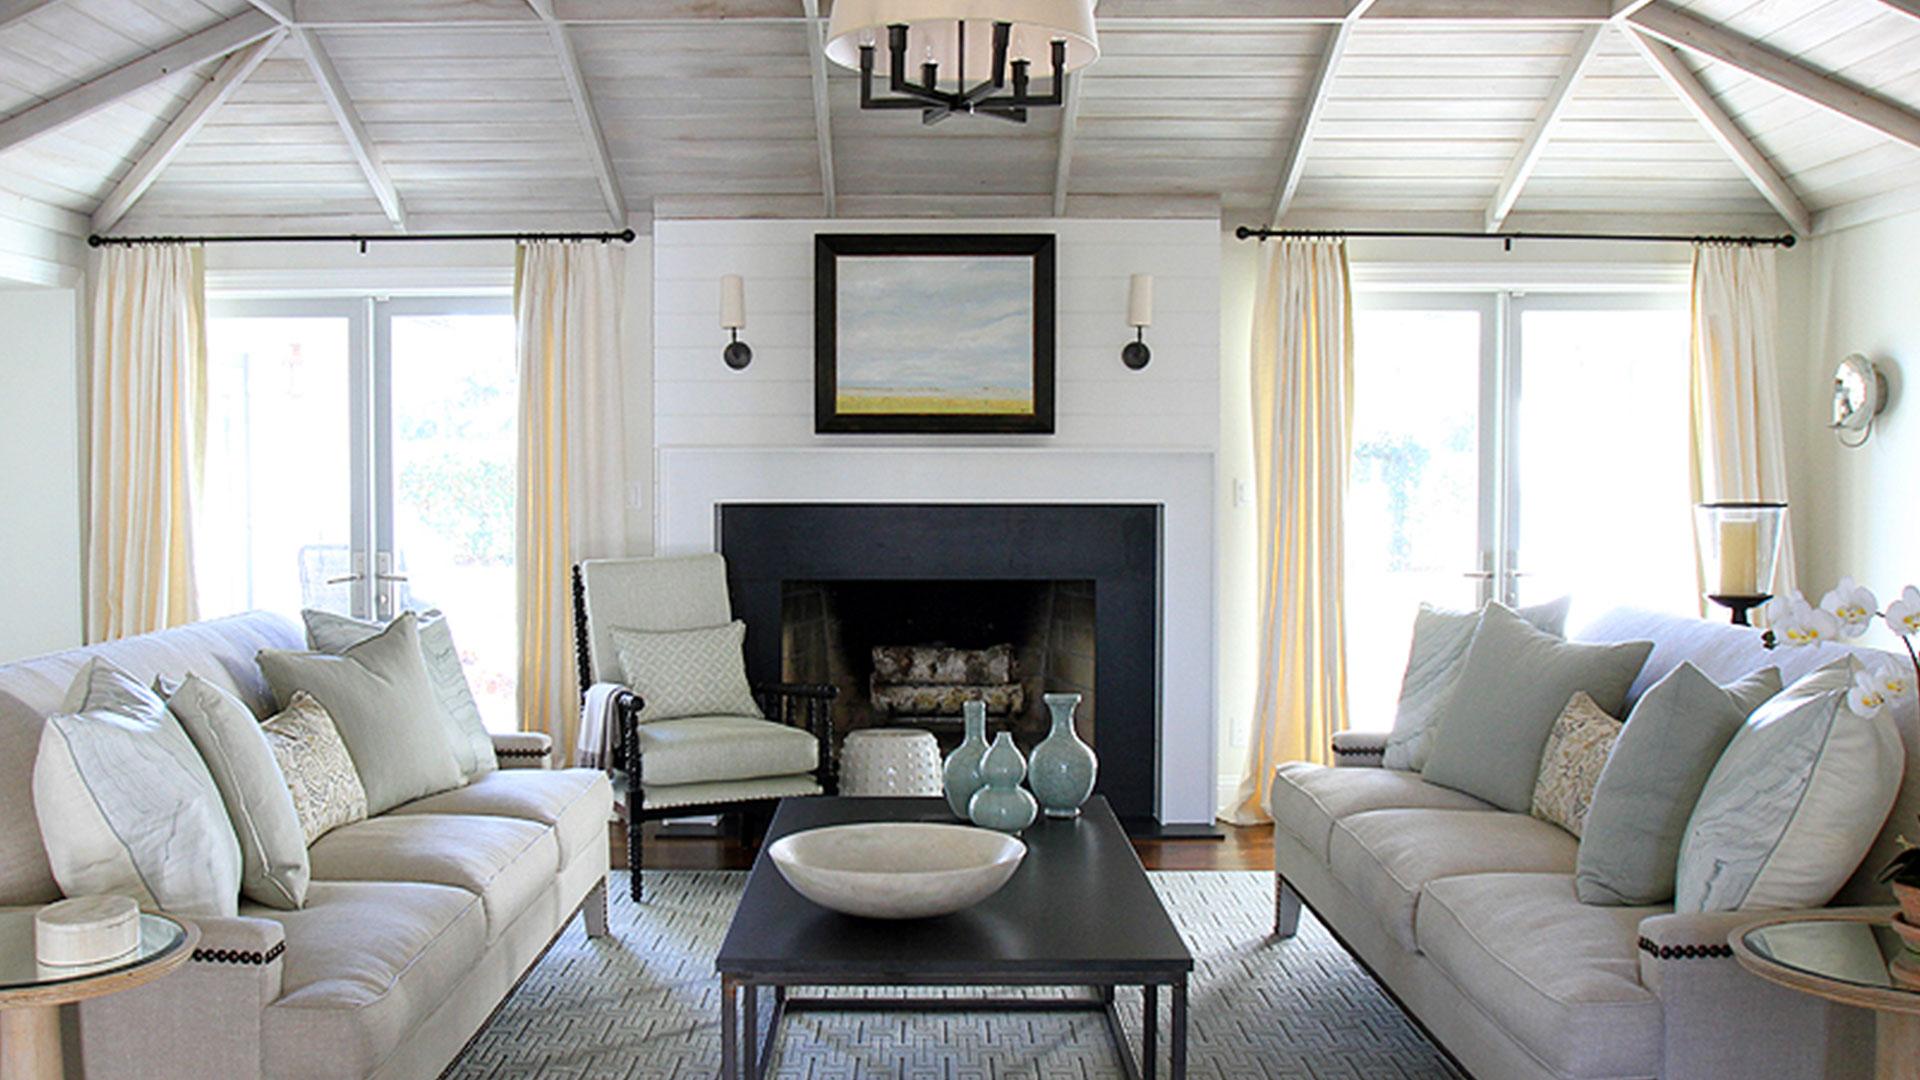 Simply Charming - Aurora Custom Homes